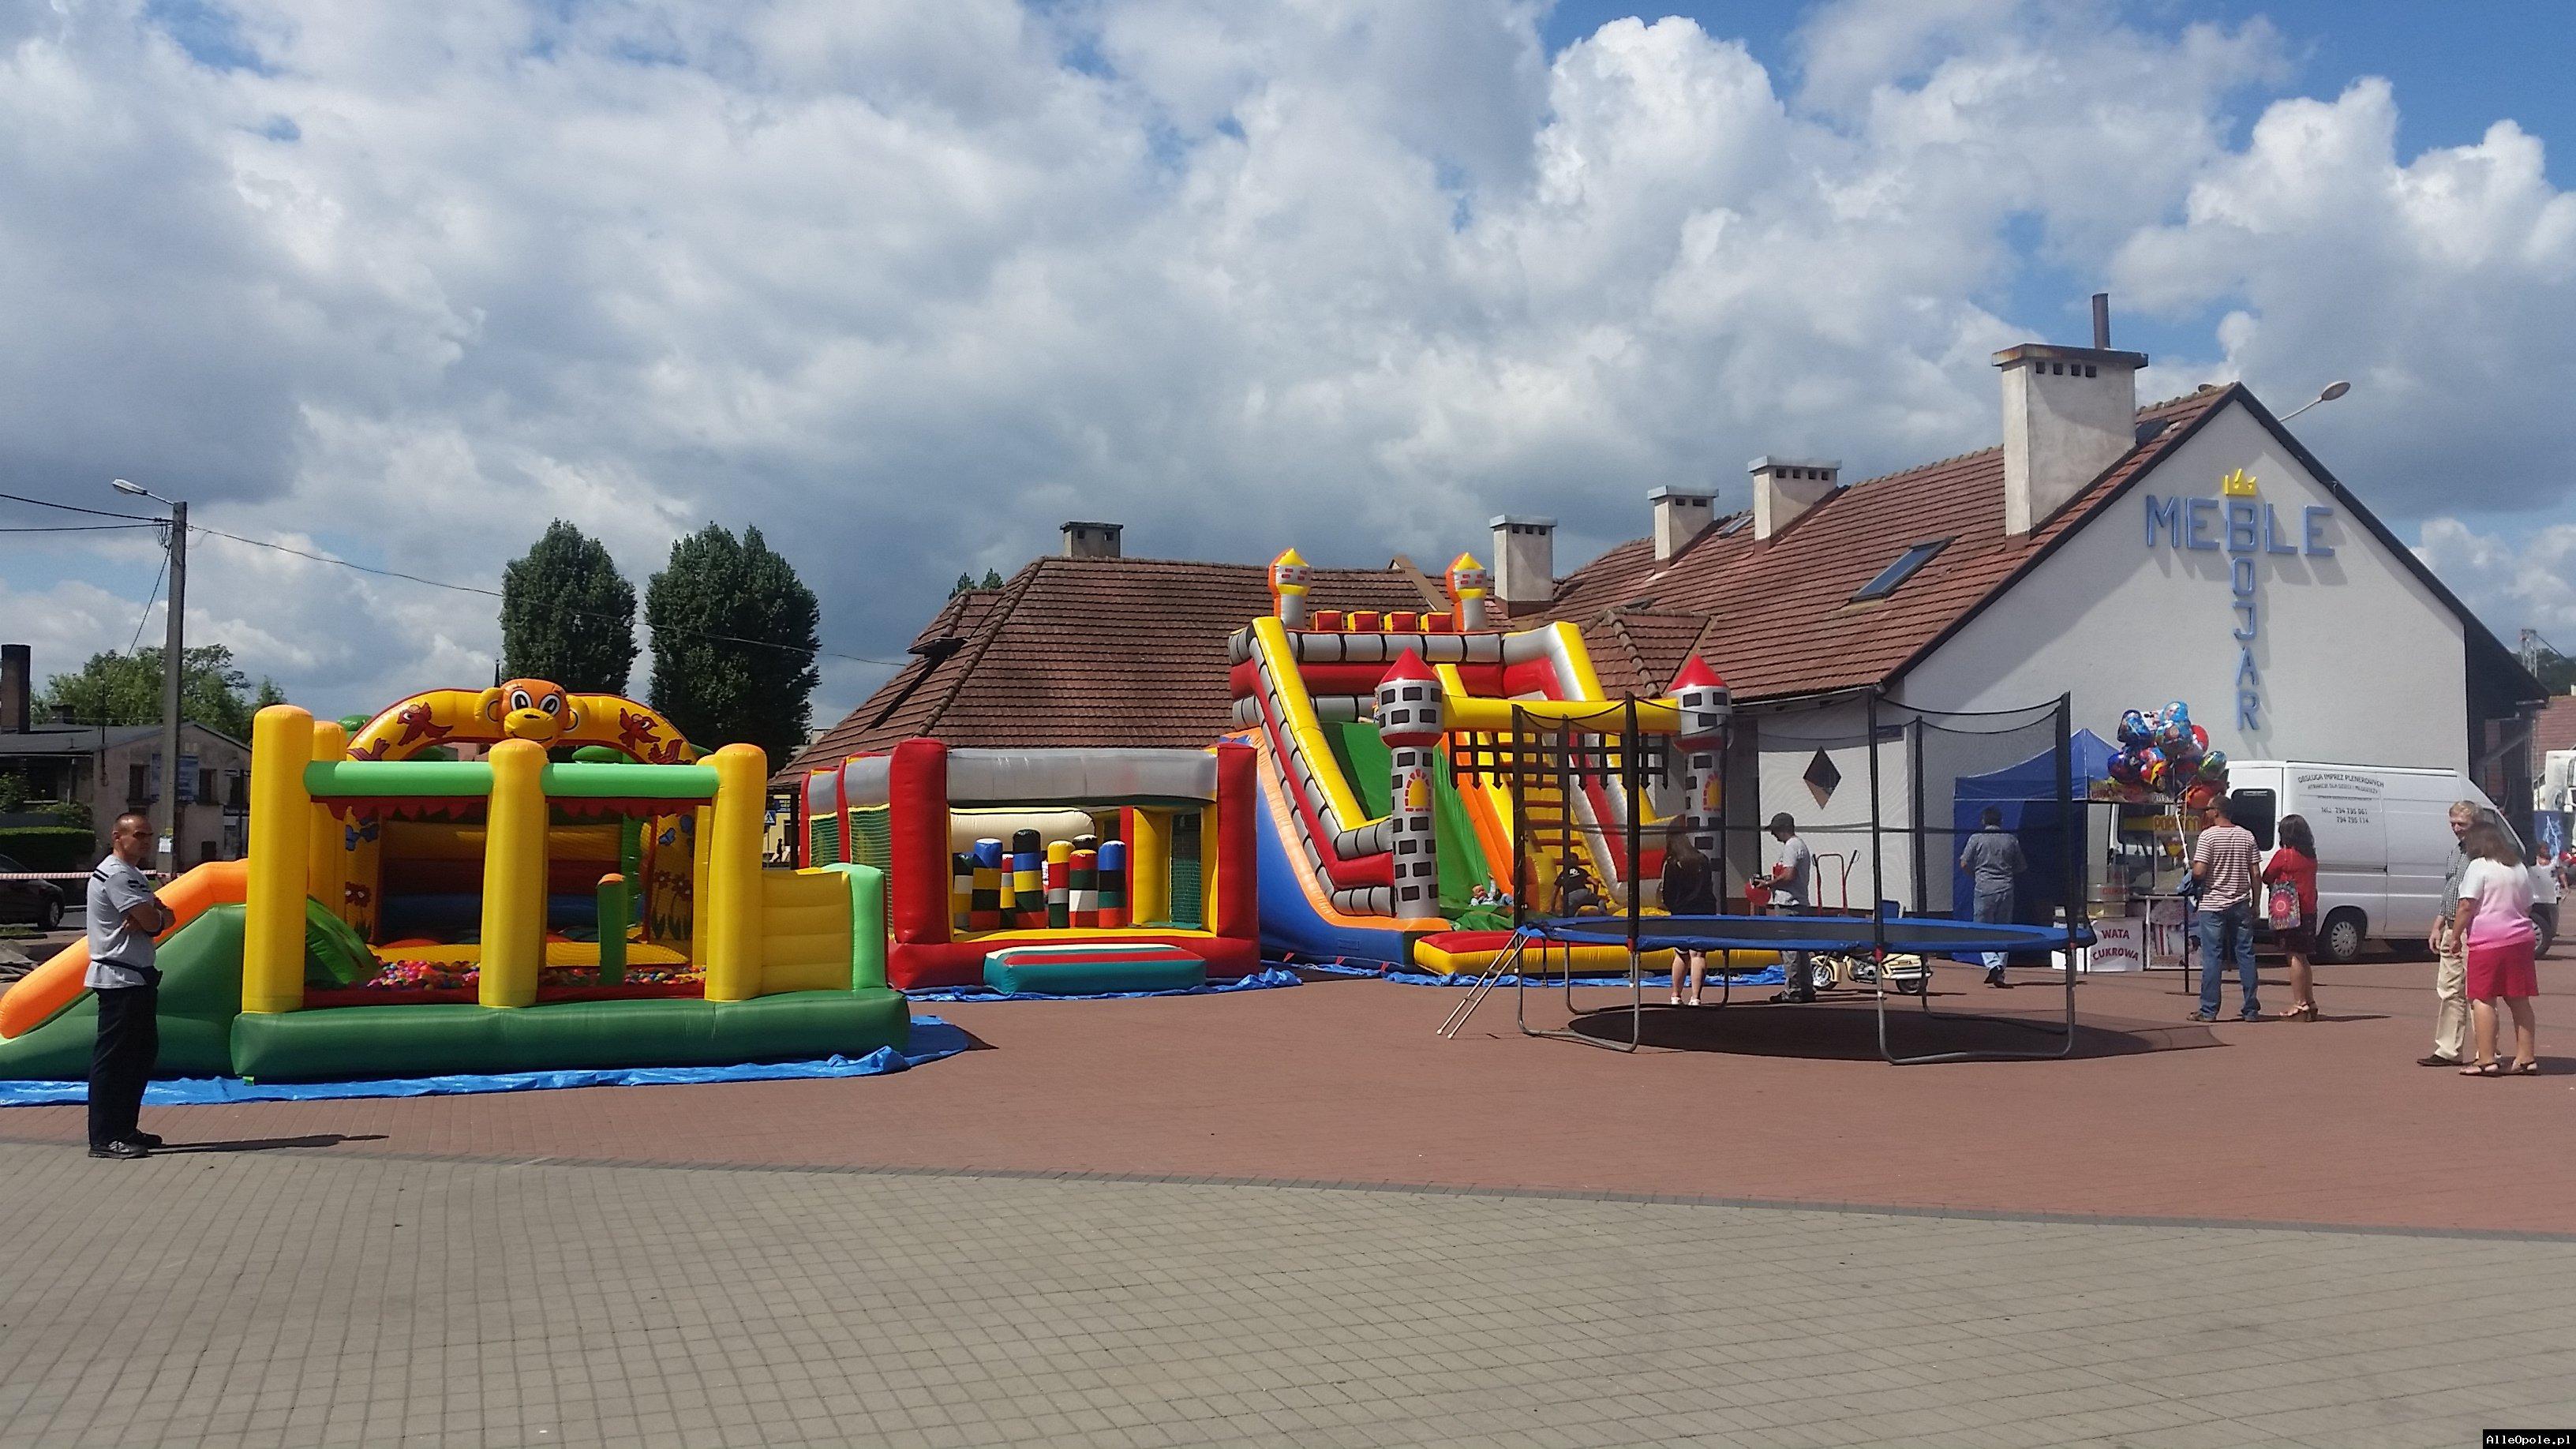 Atrakcje dla Dzieci na Imprezy Plenerowe i Inne ZAMÓW nie czekaj Dmuchance Zamki Trampoliny Tory Wata Cukrowa